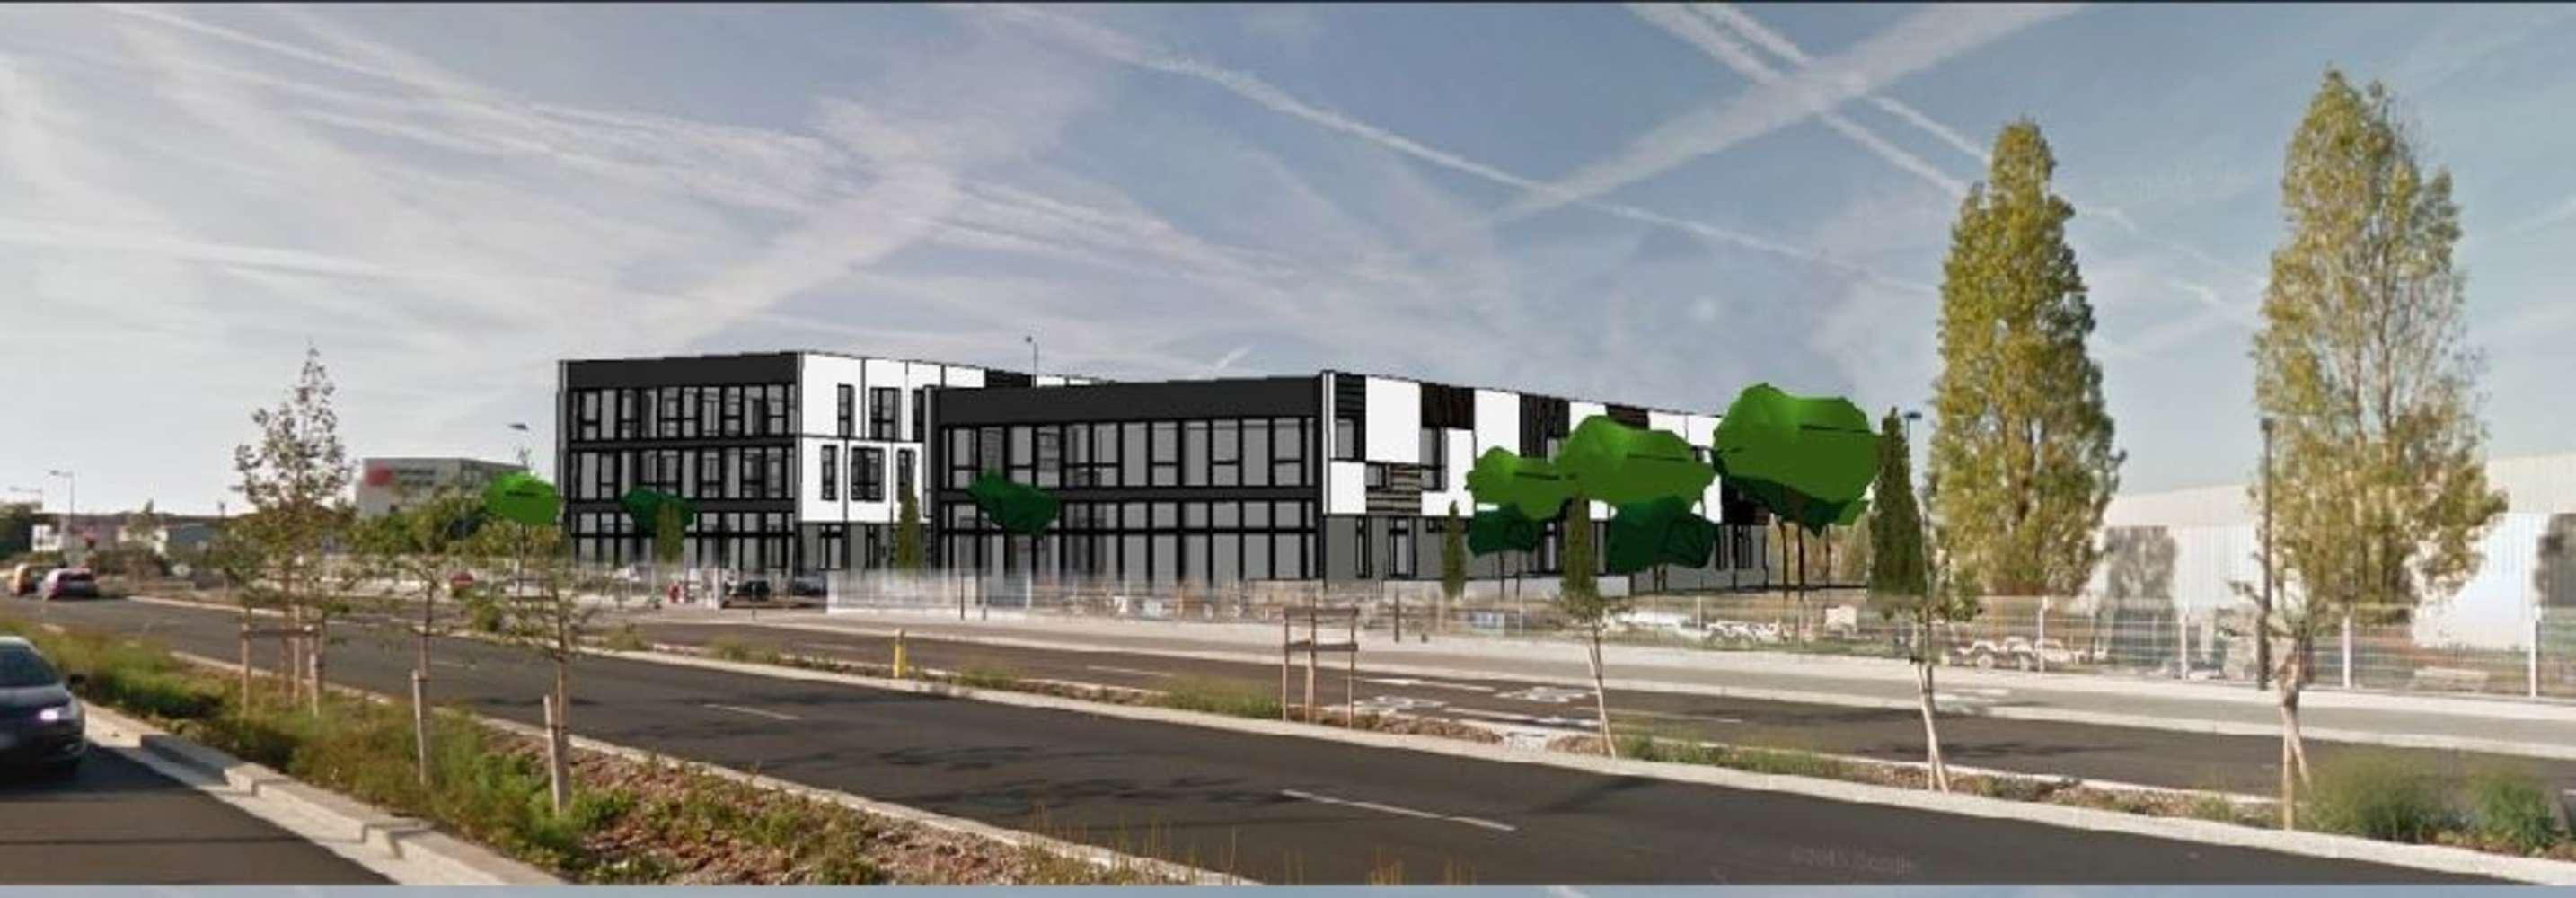 Activités/entrepôt Vaulx en velin, 69120 - Location entrepot Vaulx-en-Velin - 9571914